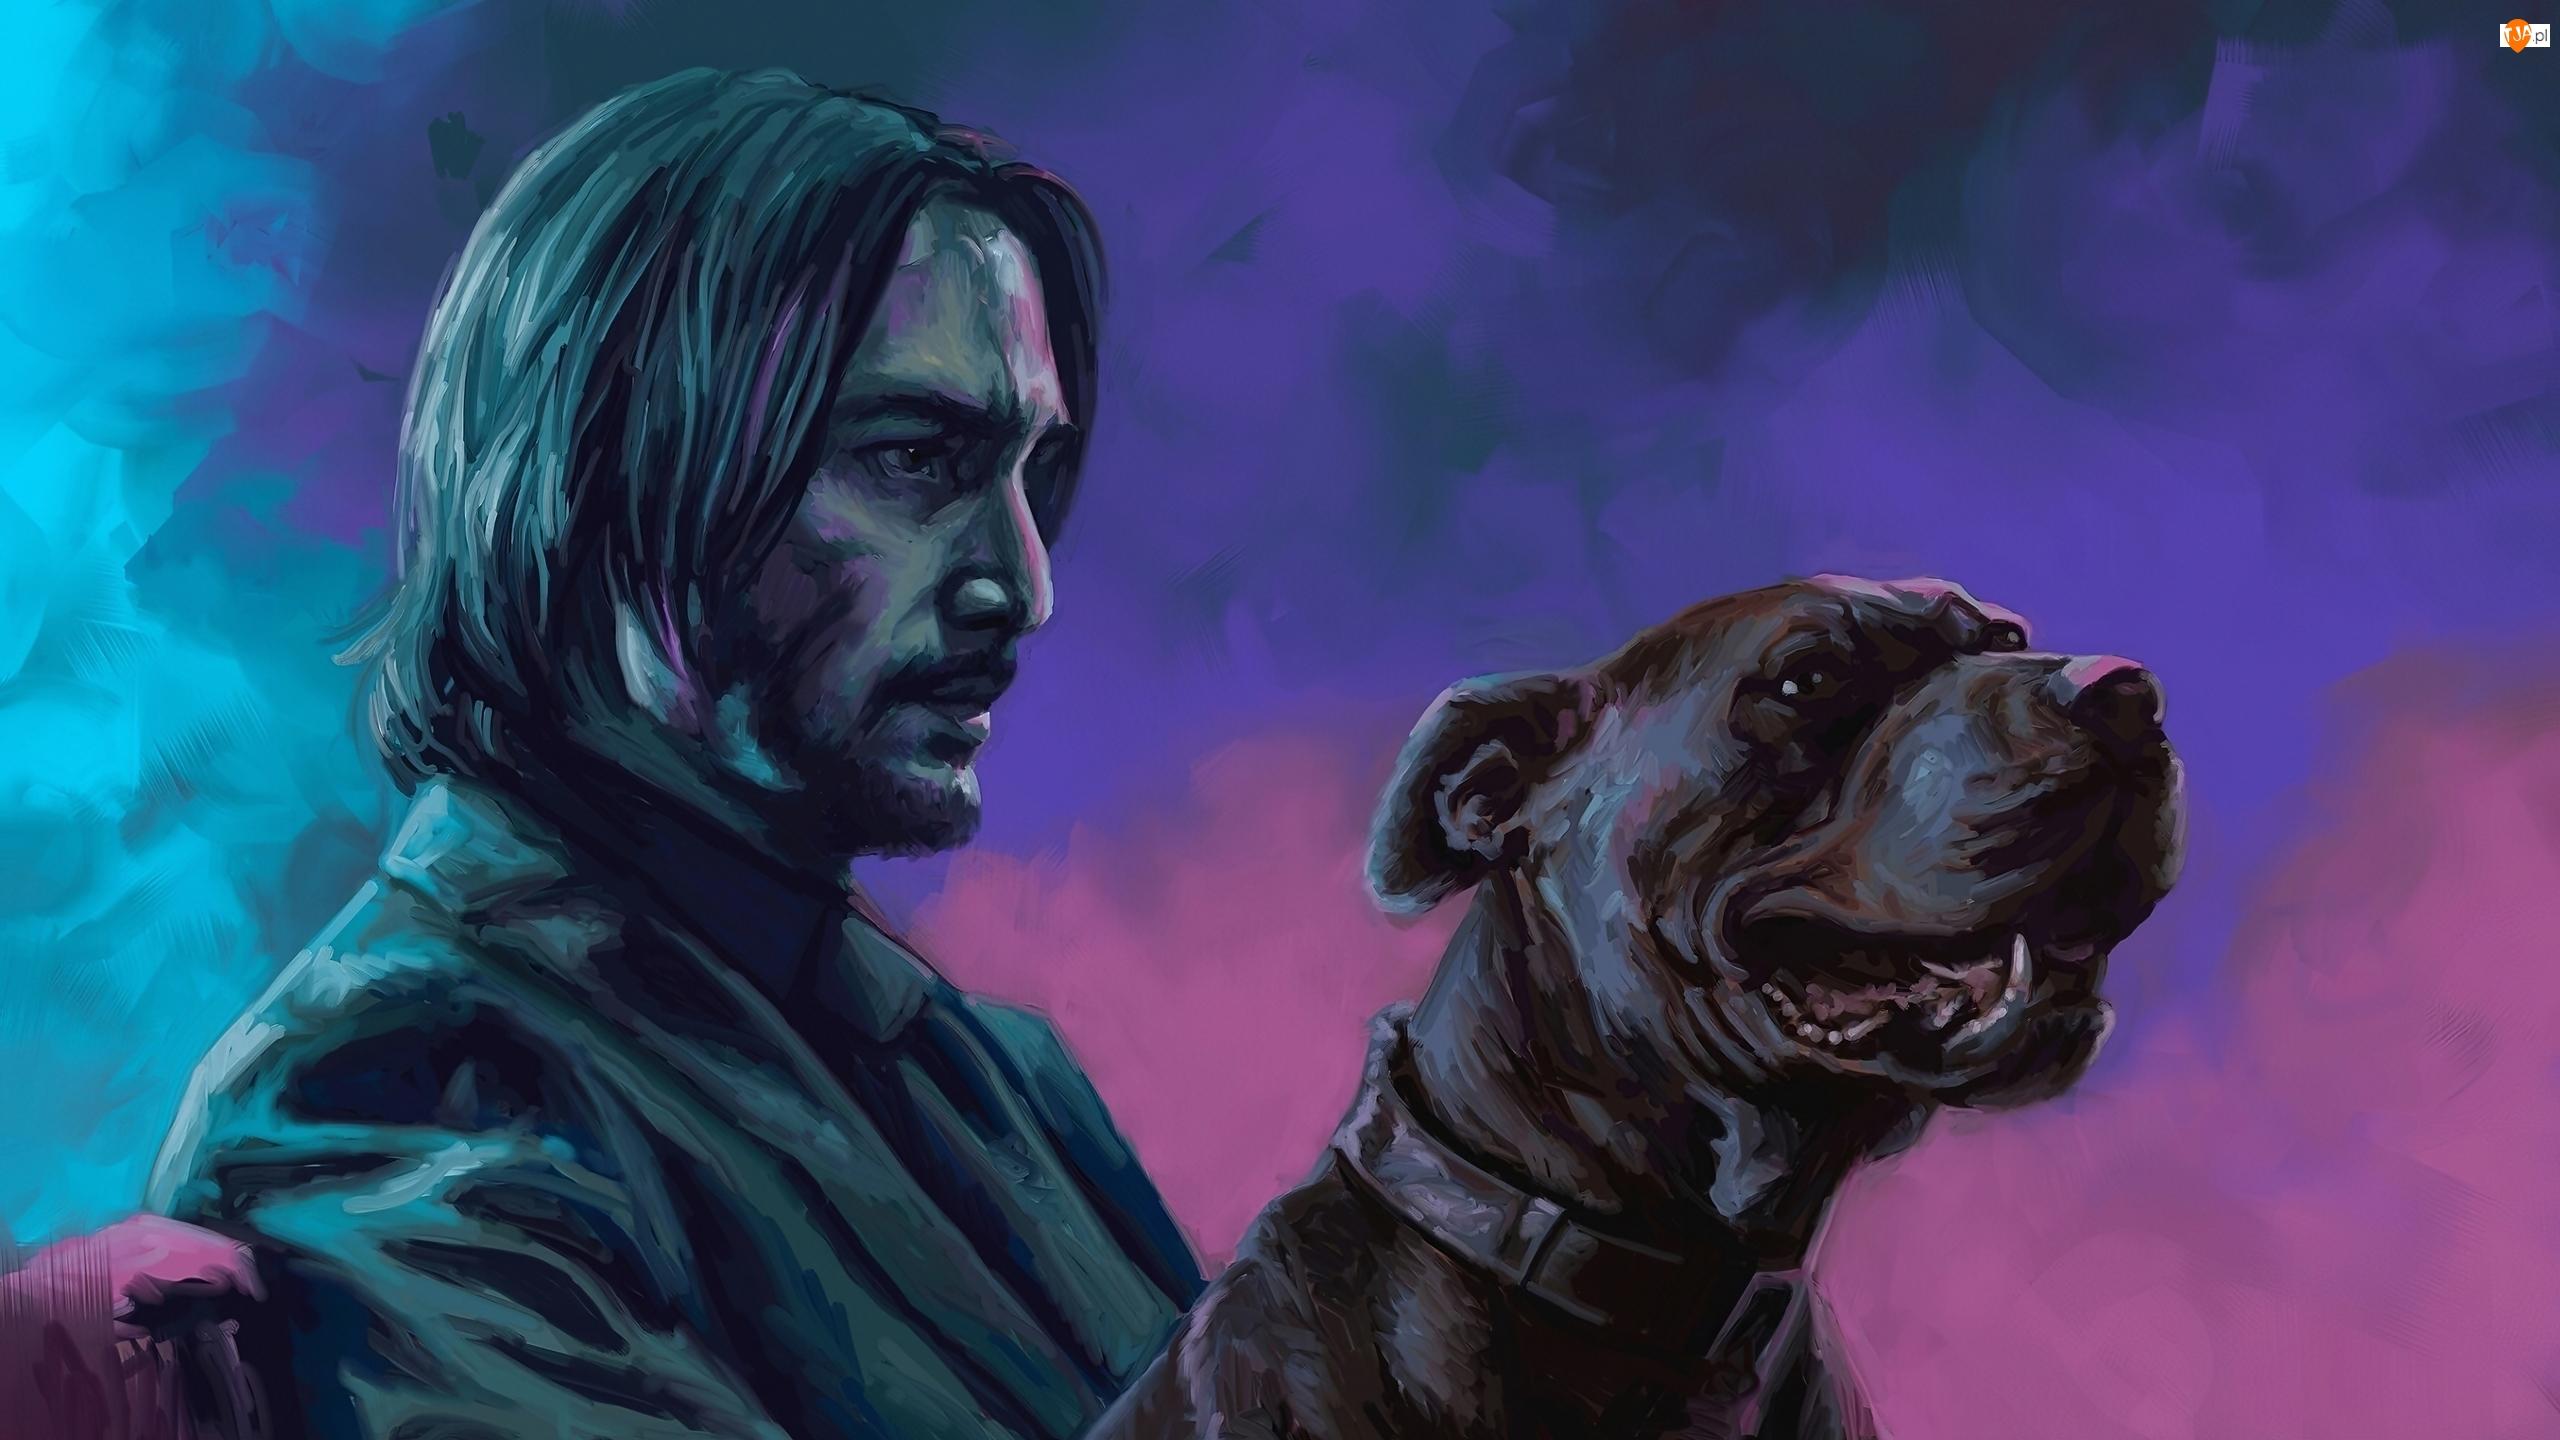 John Wick 3, Film, Keanu Reeves, Grafika, Aktor, Pies